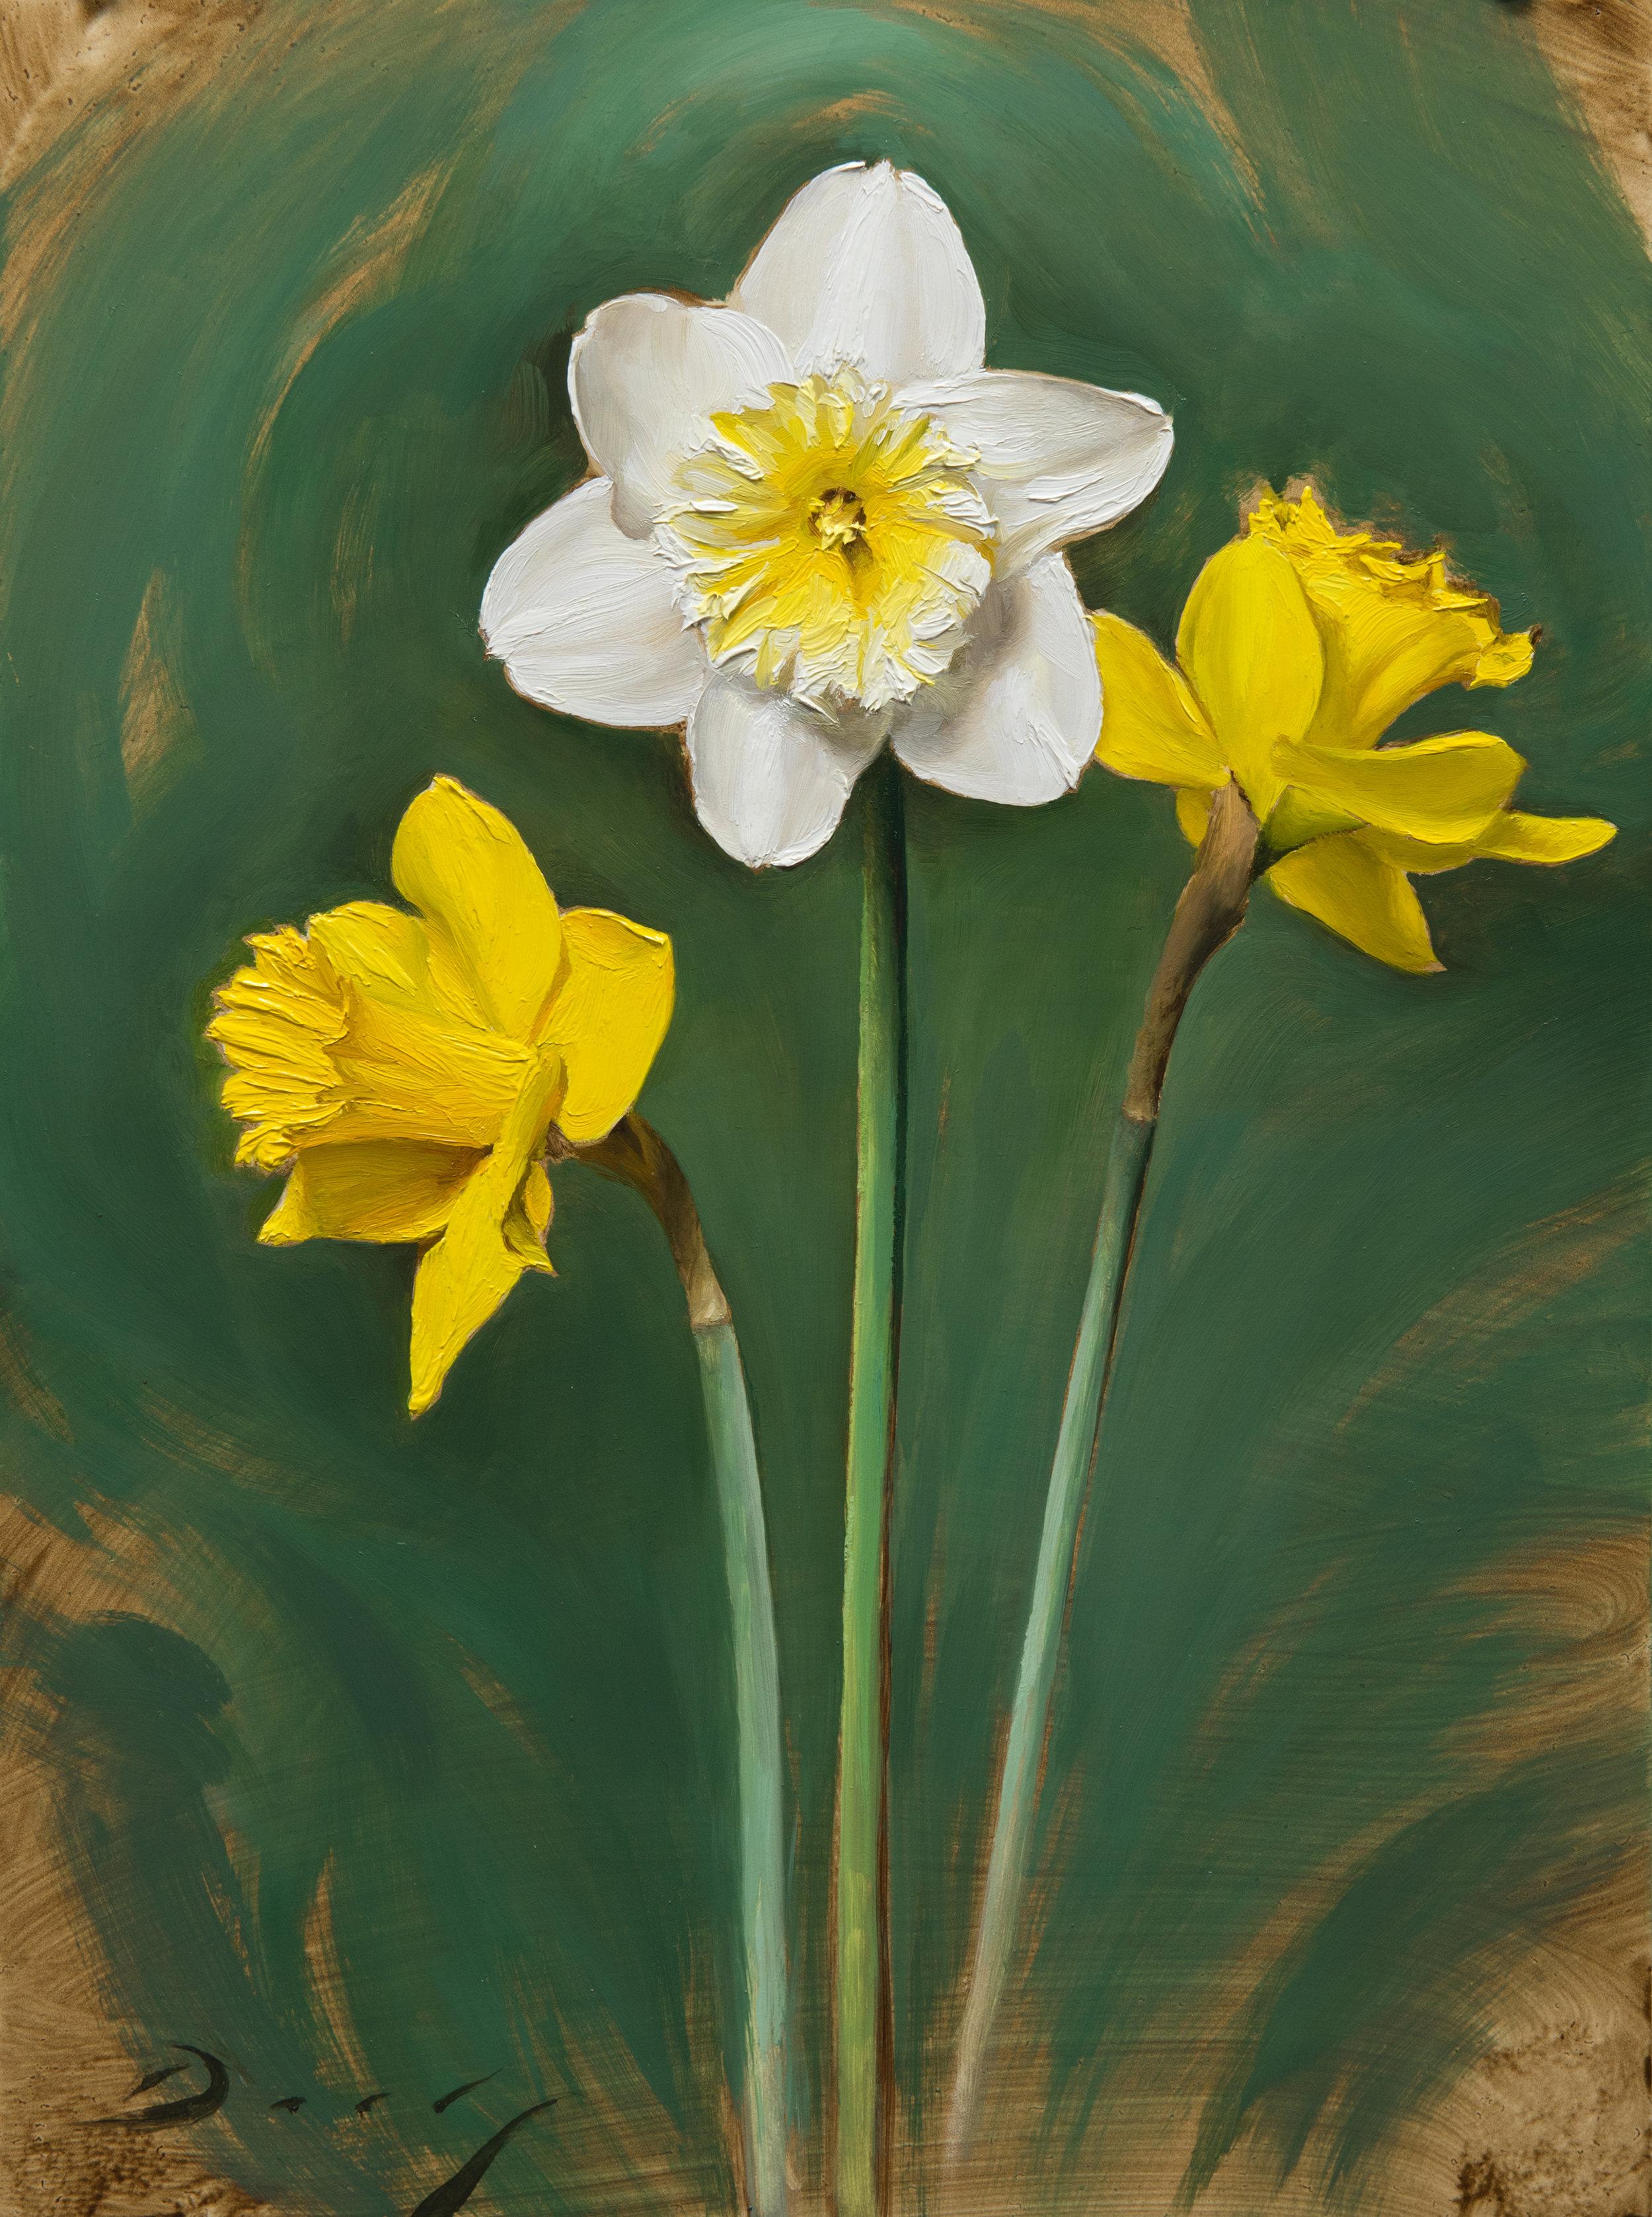 Daffodils - April 2017